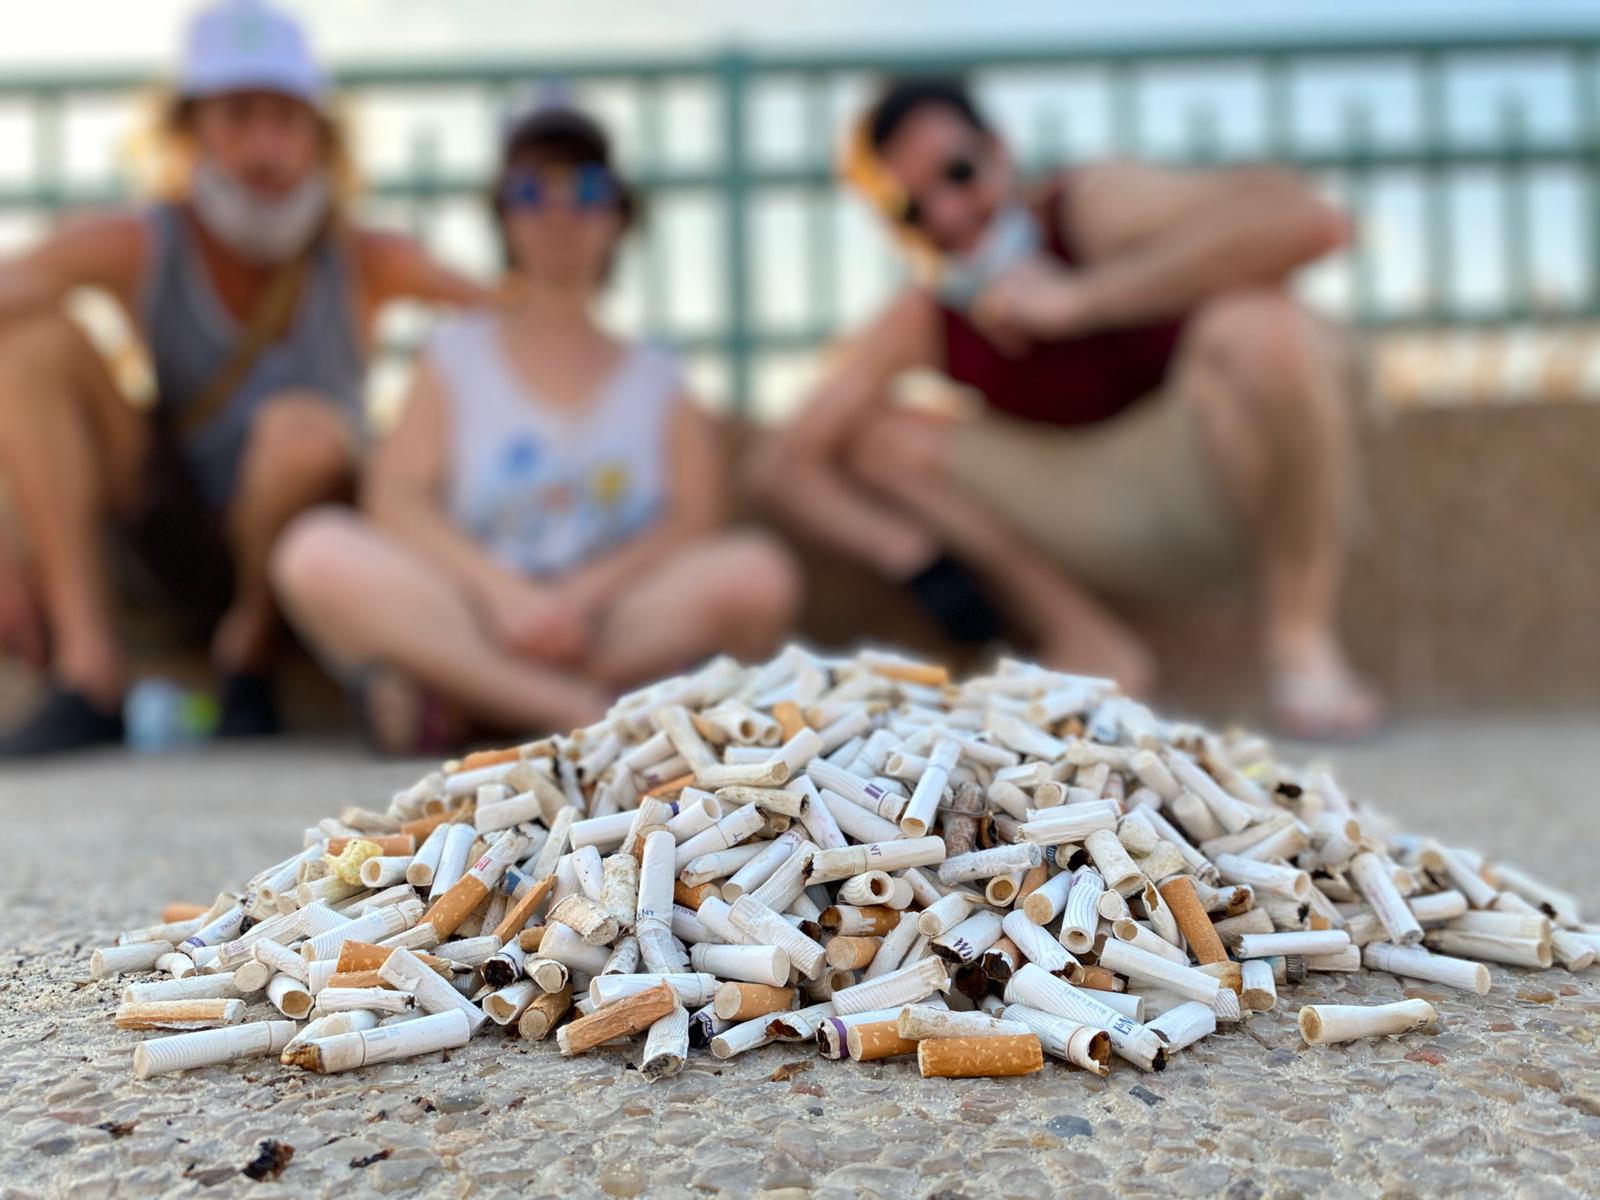 מבצע איסוף בדלי סיגריות של מזהמים סביבתיים